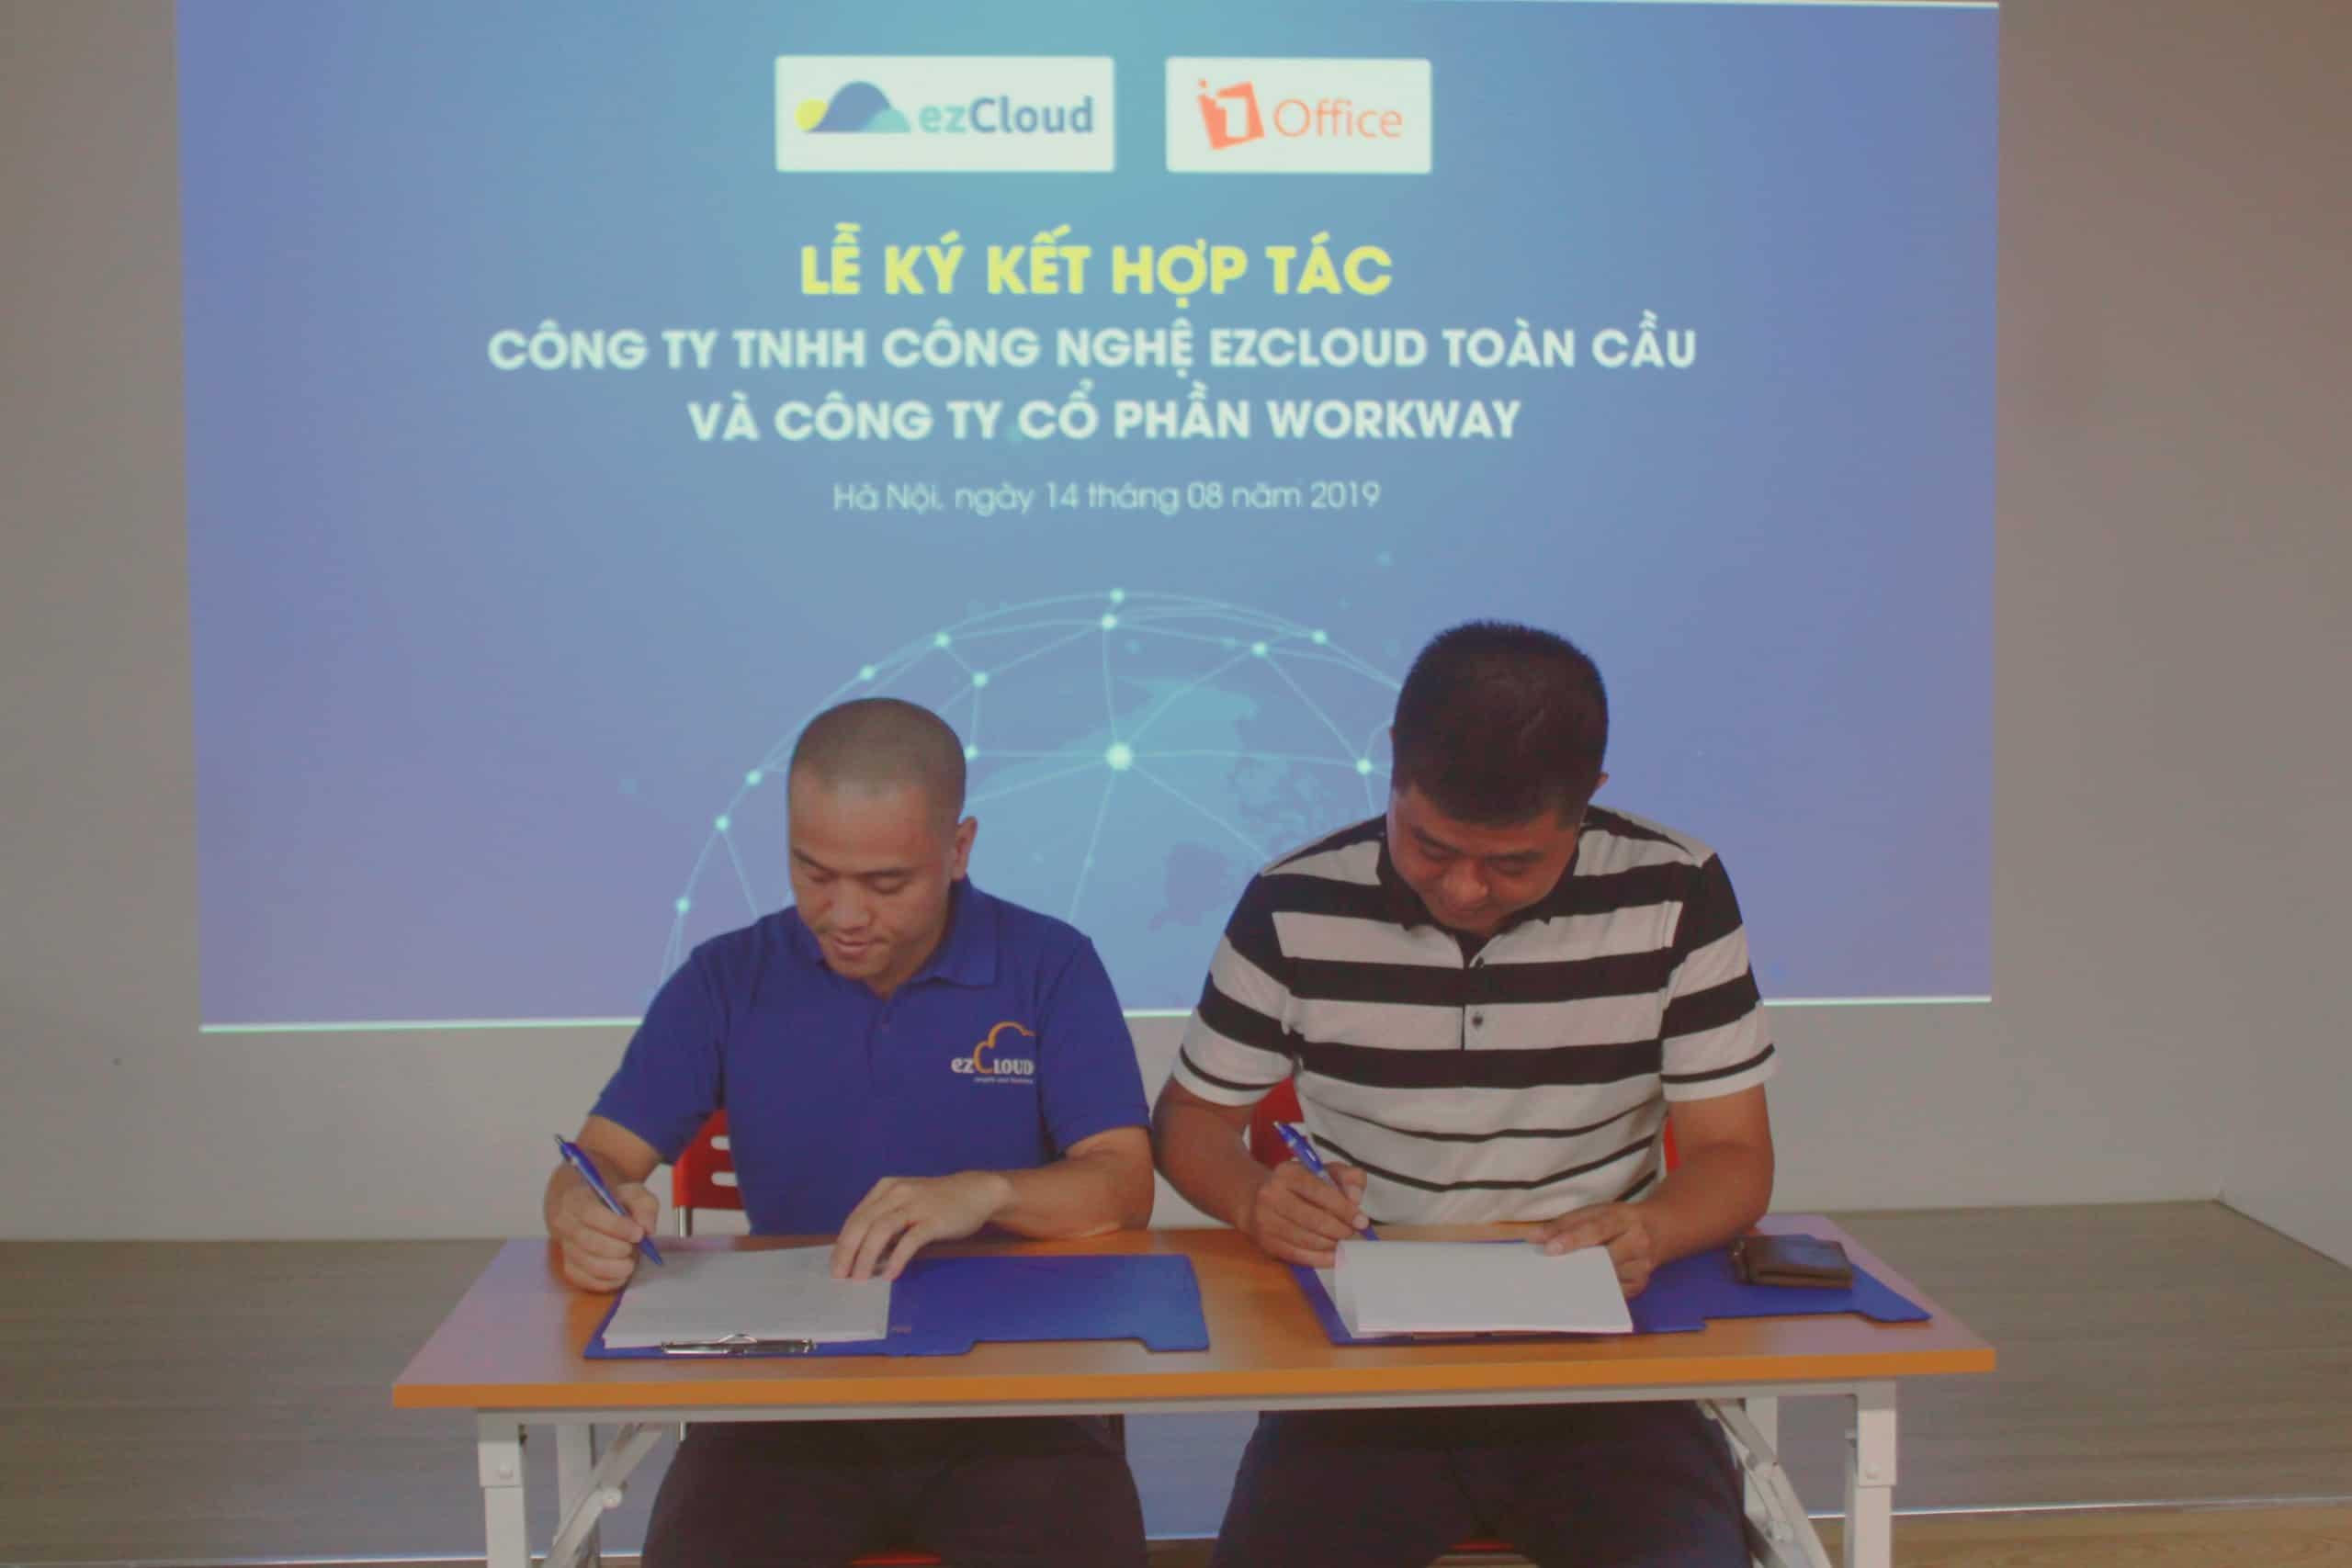 ezCloud và Workway ký kết hợp đồng hợp tác kinh doanh